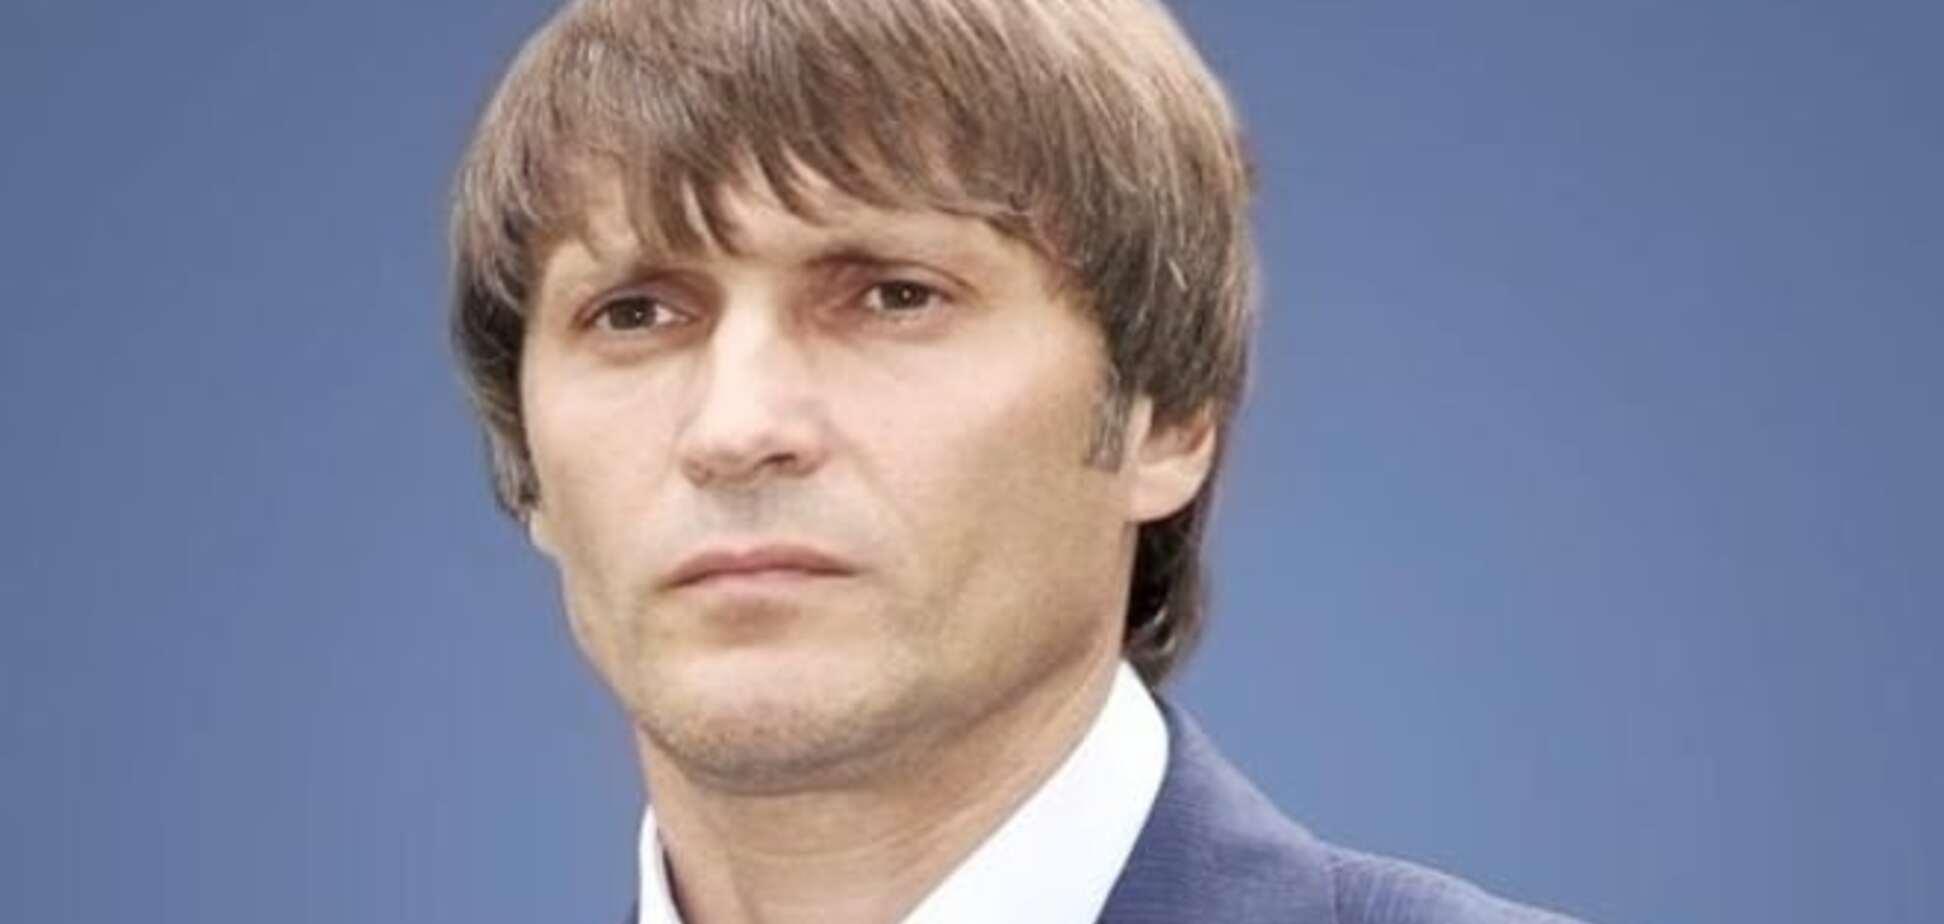 СМИ составили ТОП-5 нелепых смертей нардепов